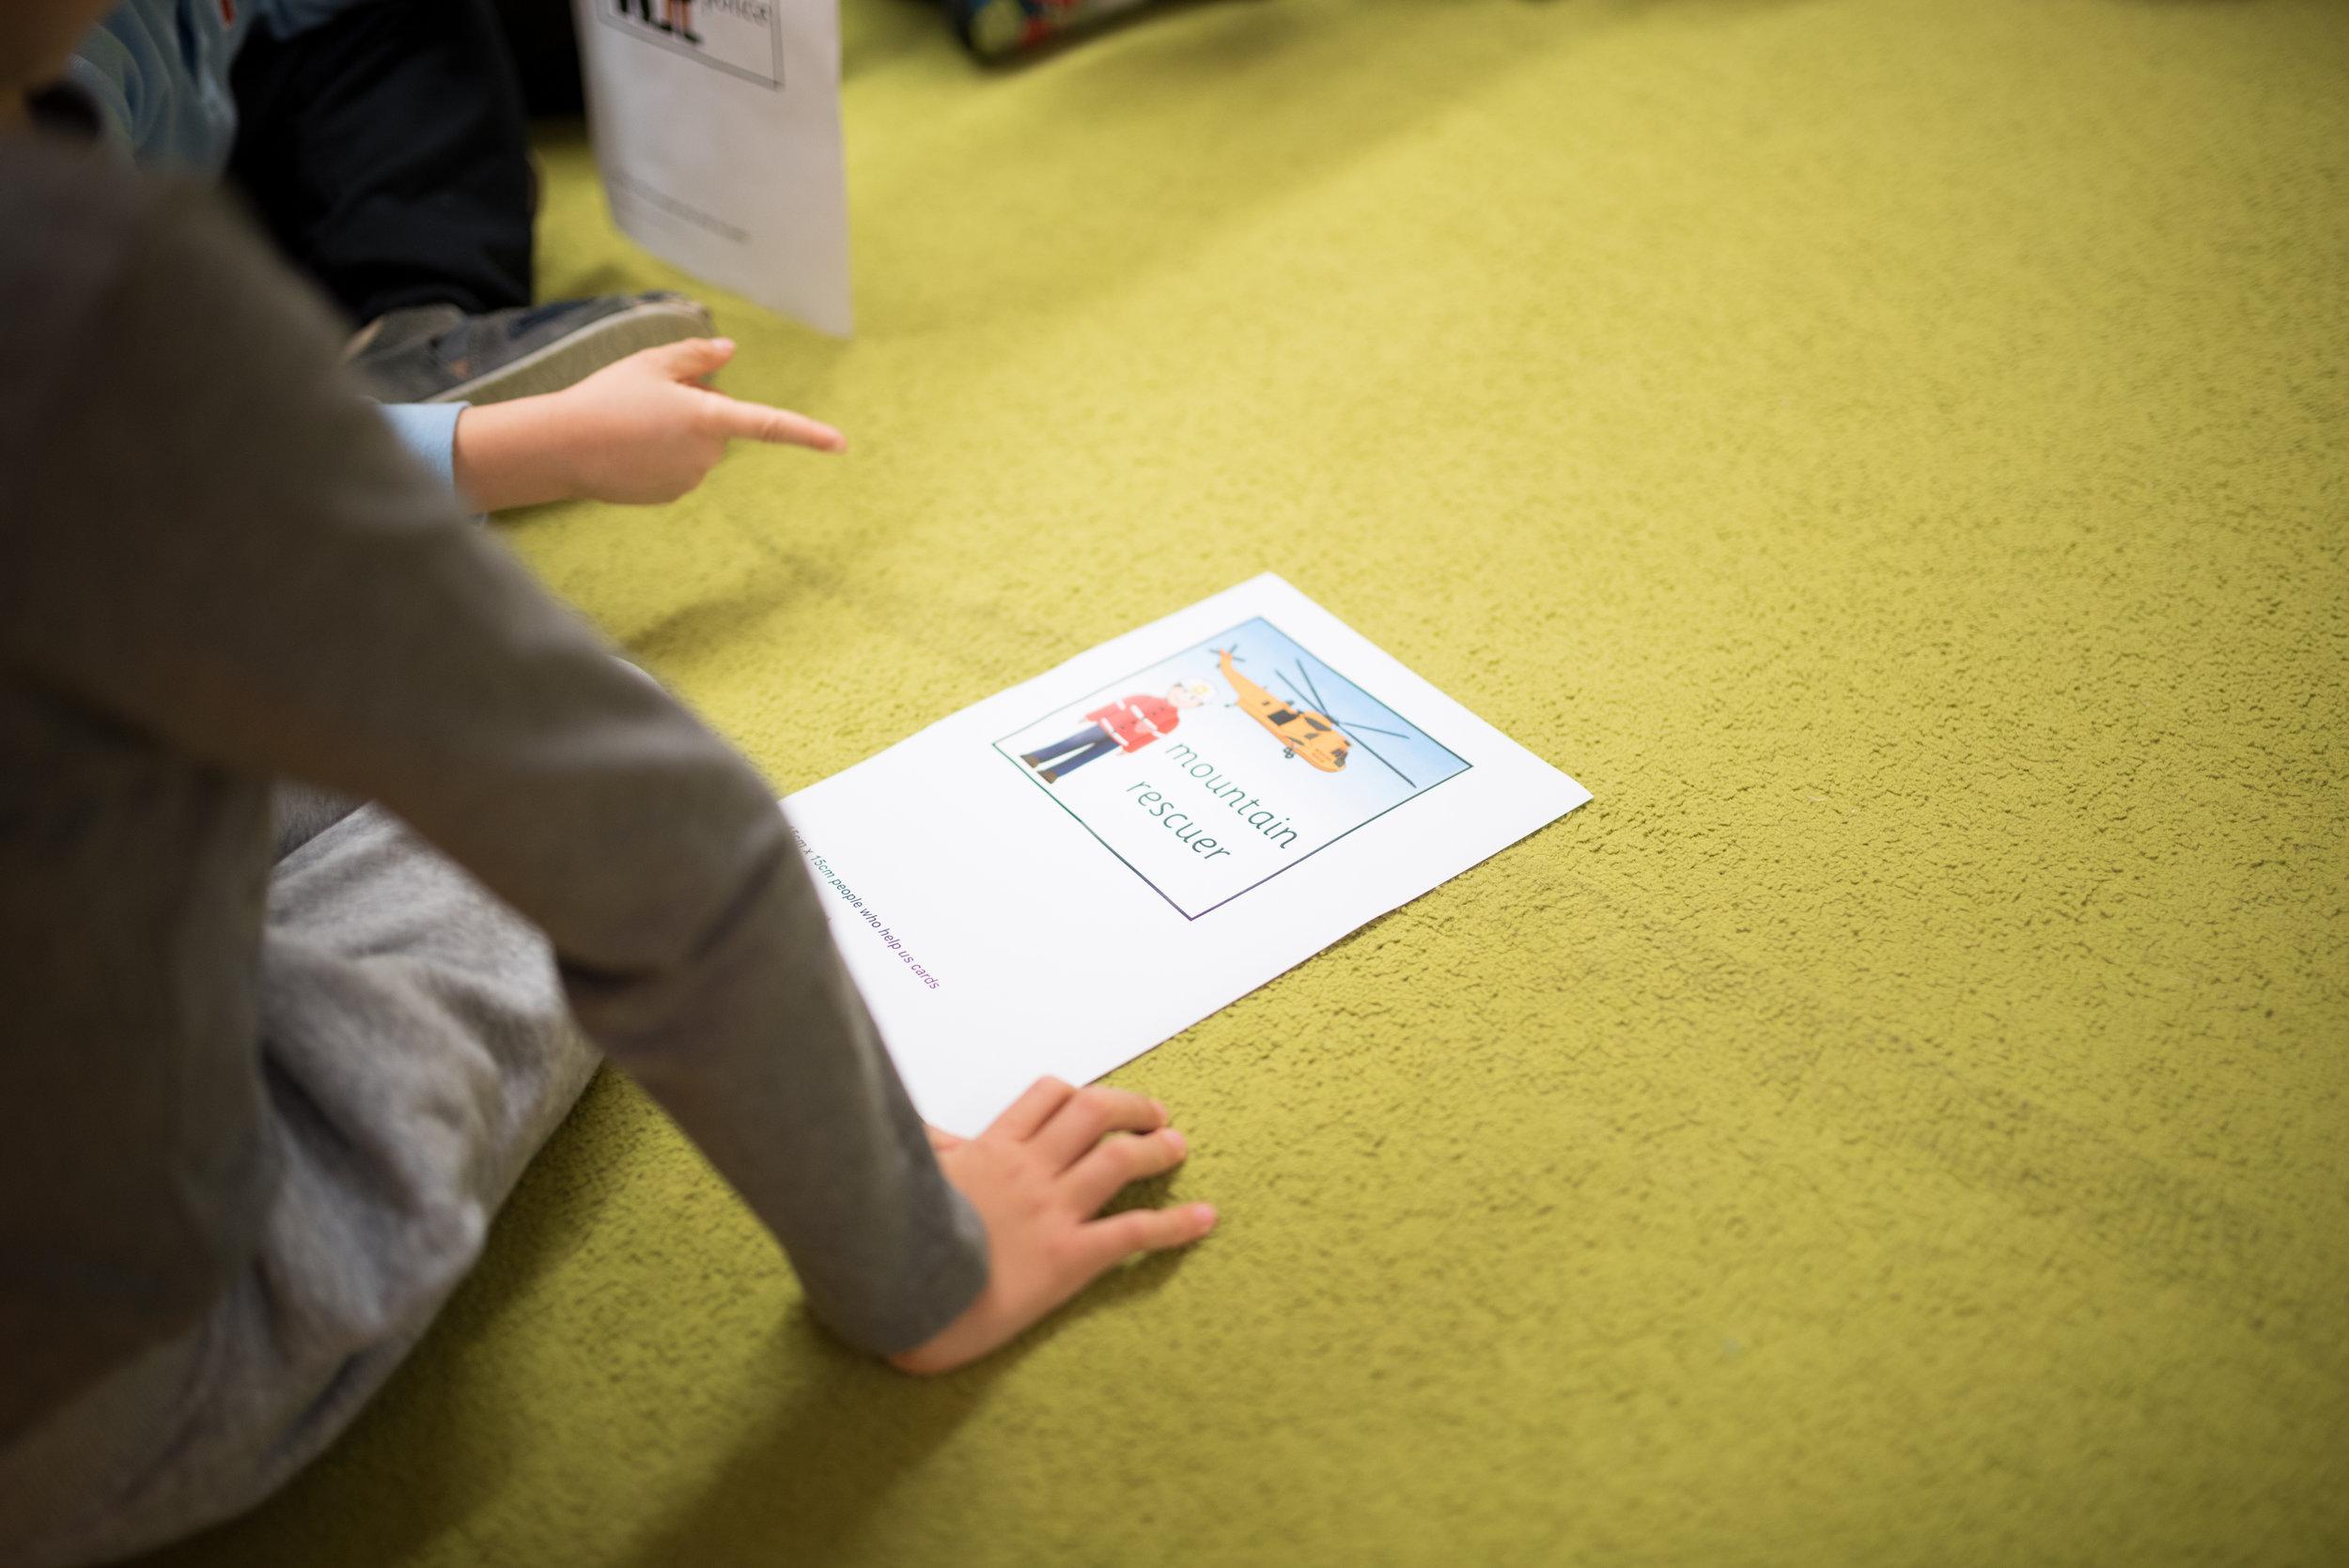 Kompatibilita s ISCED 0 - Keďže štandardy pre prácu v materskej škole sú pre Slovenskú republiku vypracované precízne, pri našich celoročných plánoch z nich vychádzame a riadime sa nimi. Teda každé dieťa navštevujúce našu MŠ nadobudne minimálne také zručnosti a vedomosti ako porovnateľné dieťa v inej slovenskej materskej škole.